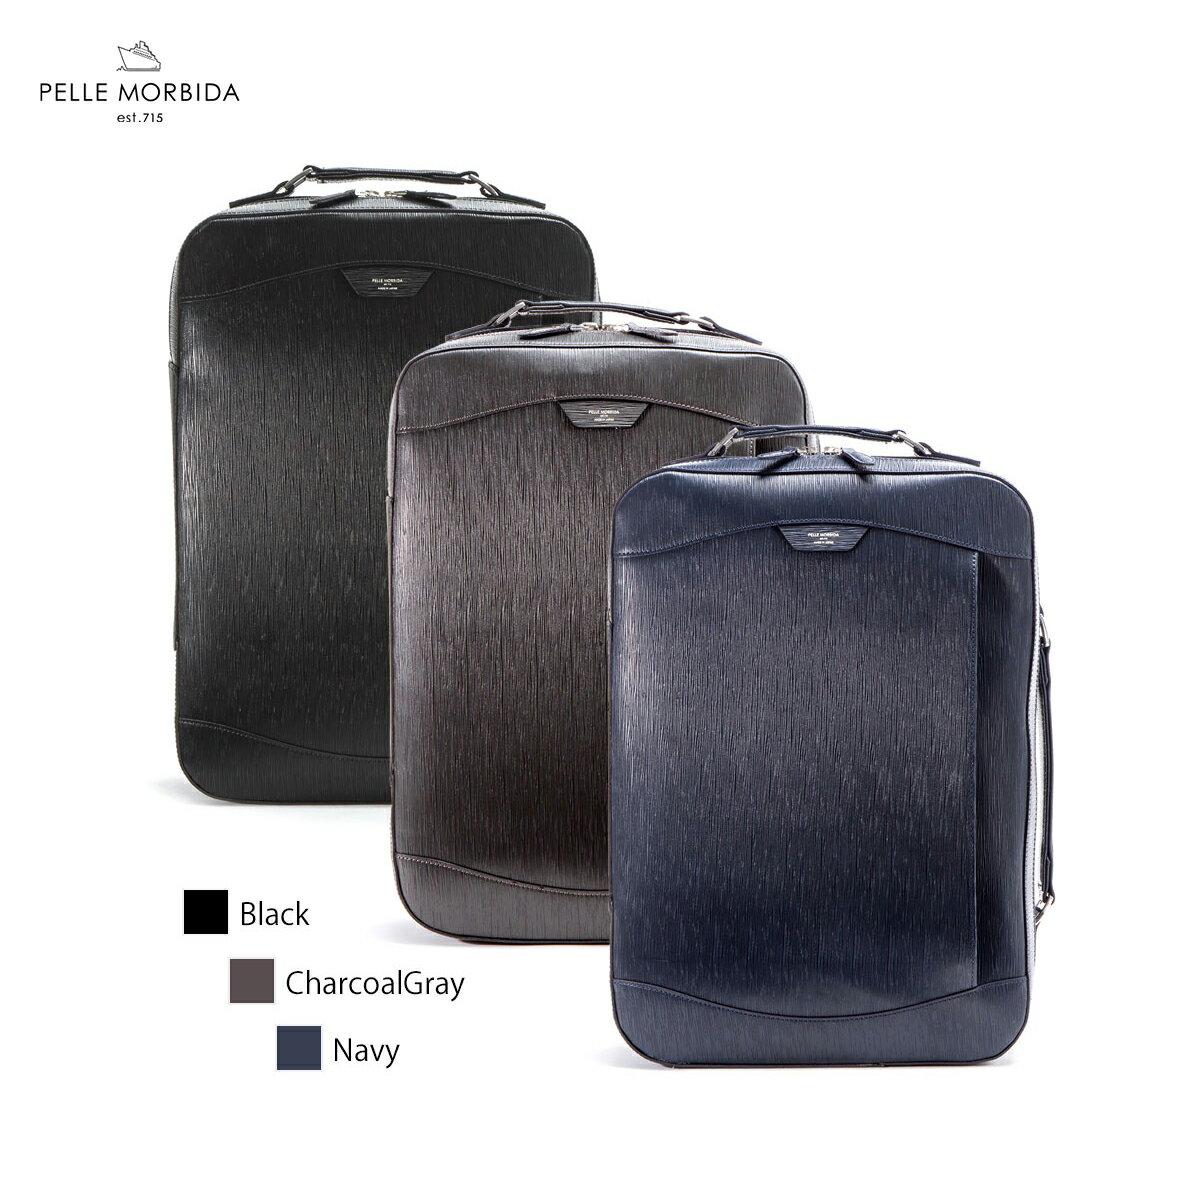 メンズバッグ, ビジネスバッグ・ブリーフケース  2WAY A4 Capitano Rucksack Brief Bag PELLE MORBIDA PMO-CA207